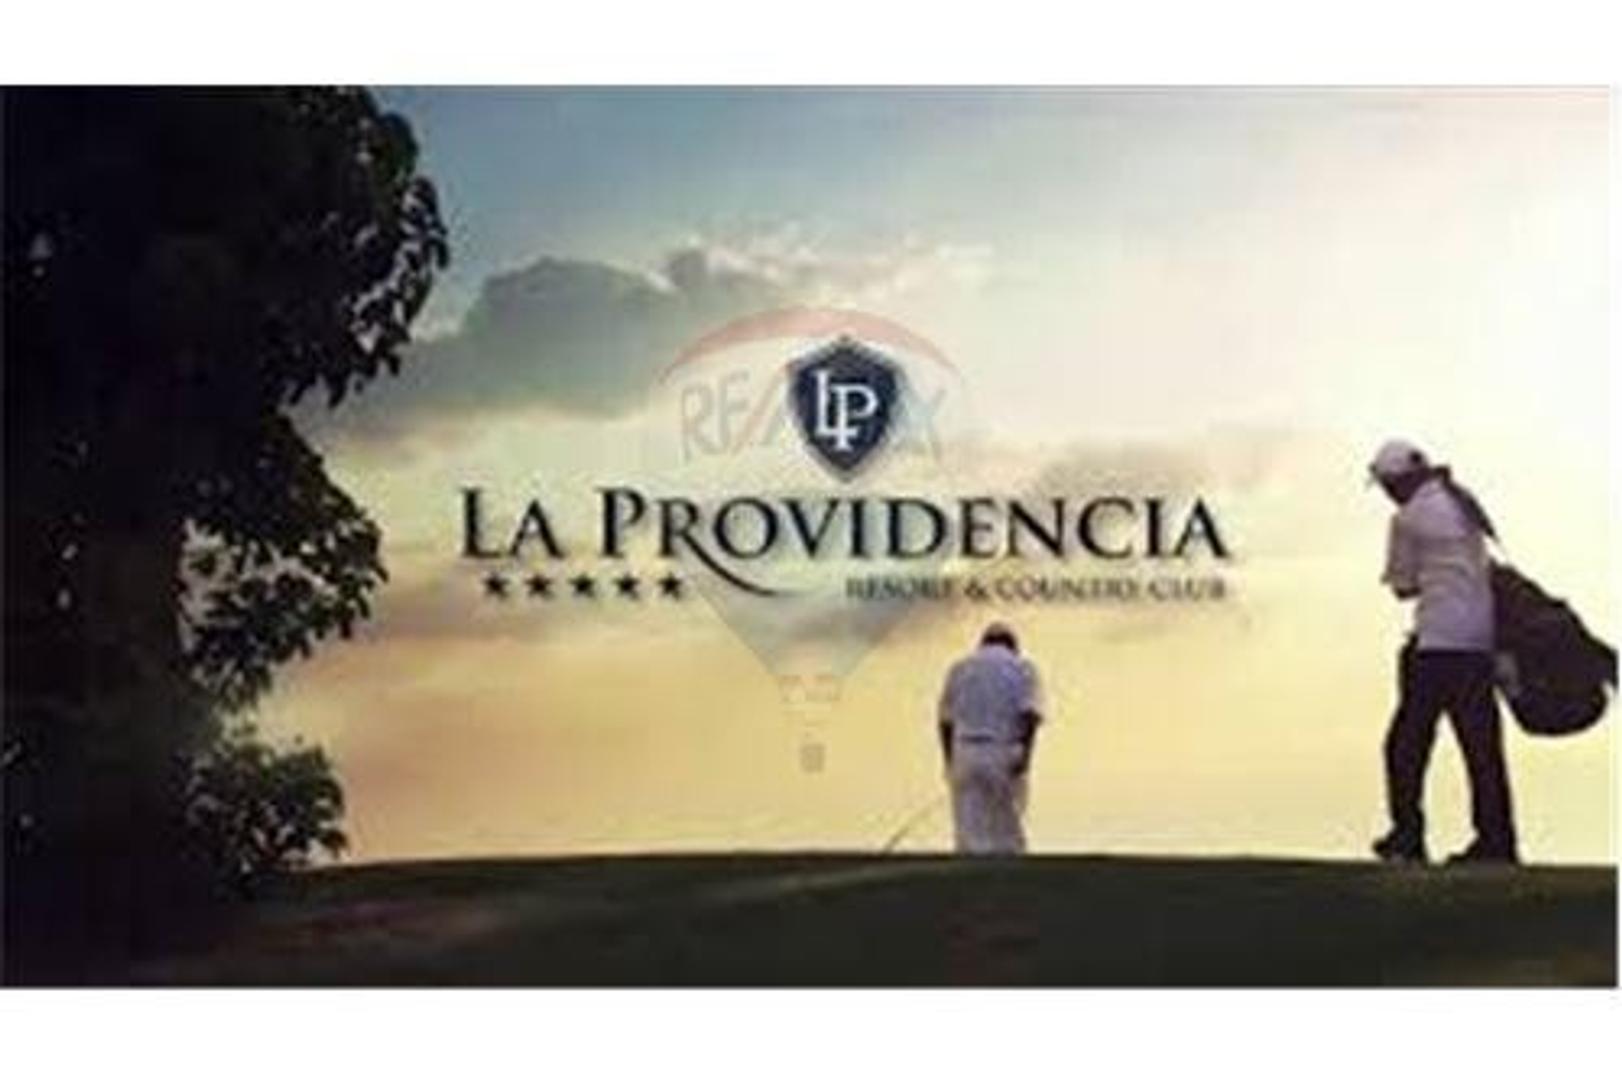 Lote de 1550 metros La Providencia Resort & Club